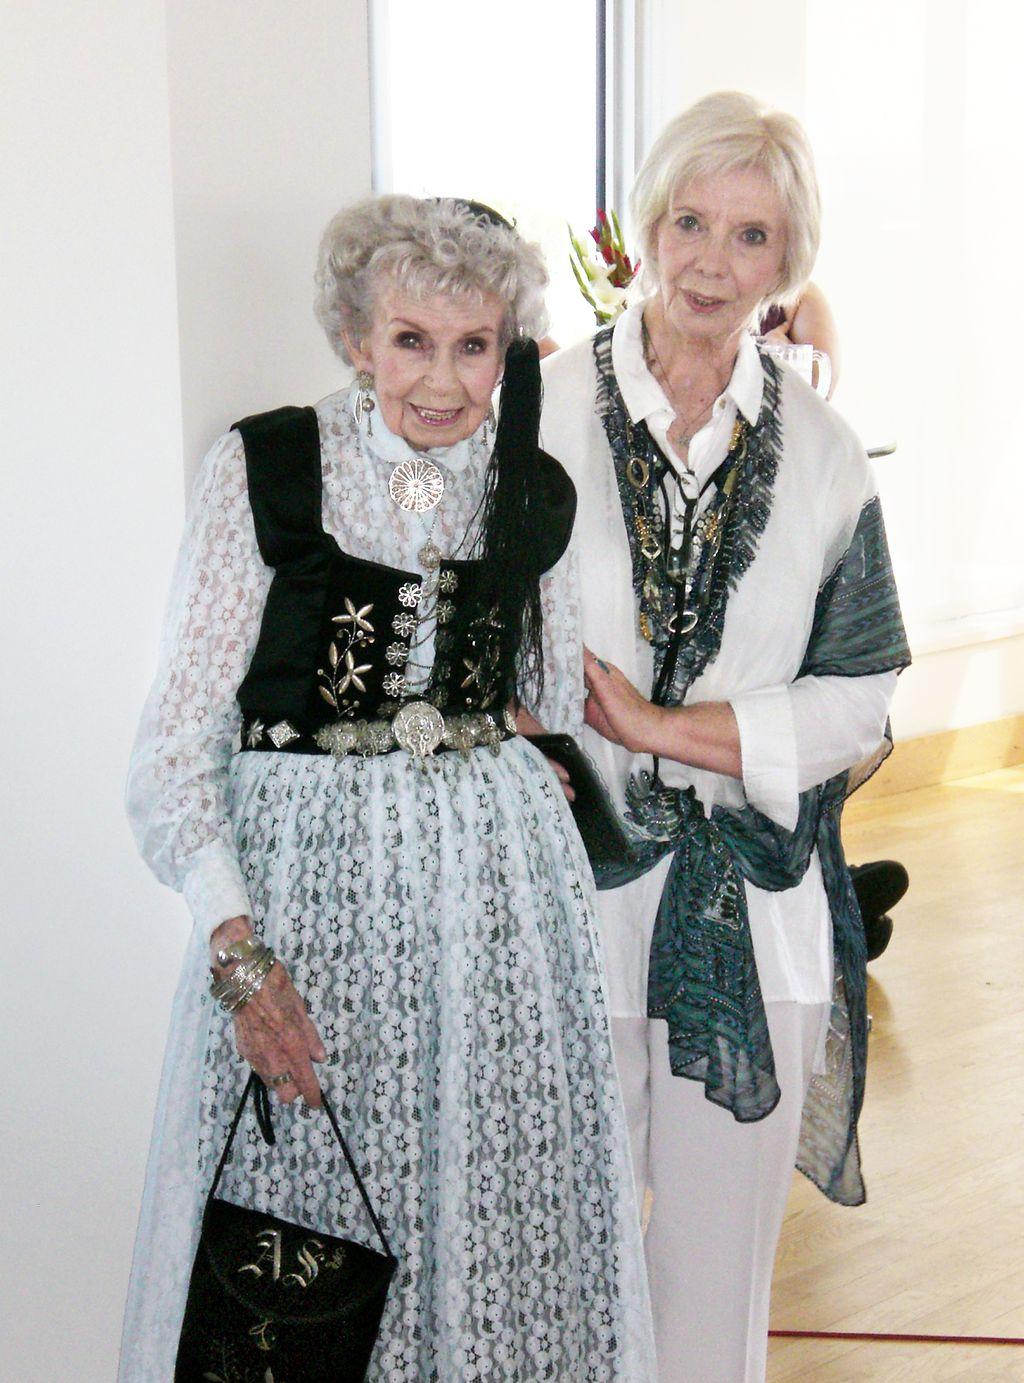 Mæðgur Linda F. Sigurdson Collette og Helga Sigurdson í fyrra. Þær hafa báðar verið fjallkonur.